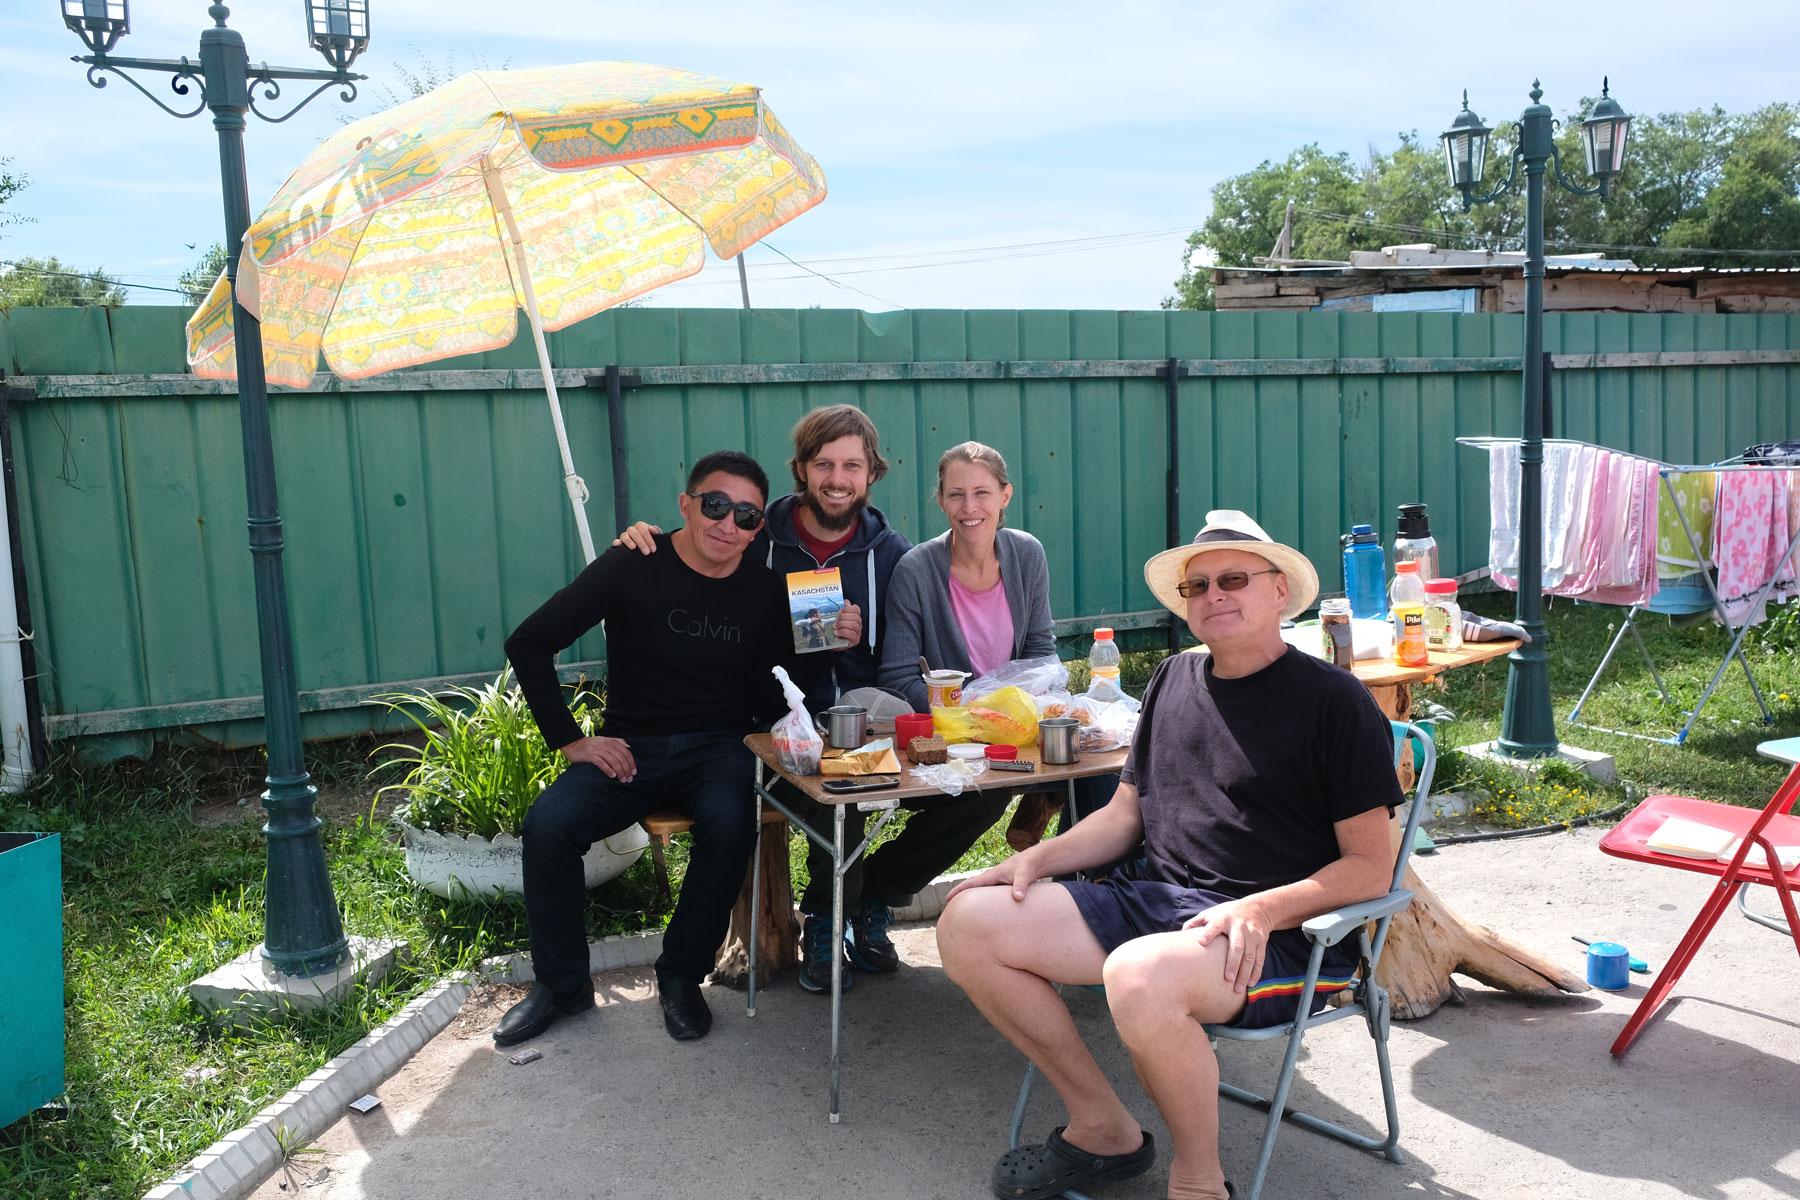 Überraschungsfrühstück mit Thomas und einem kasachischen Pensionsgast